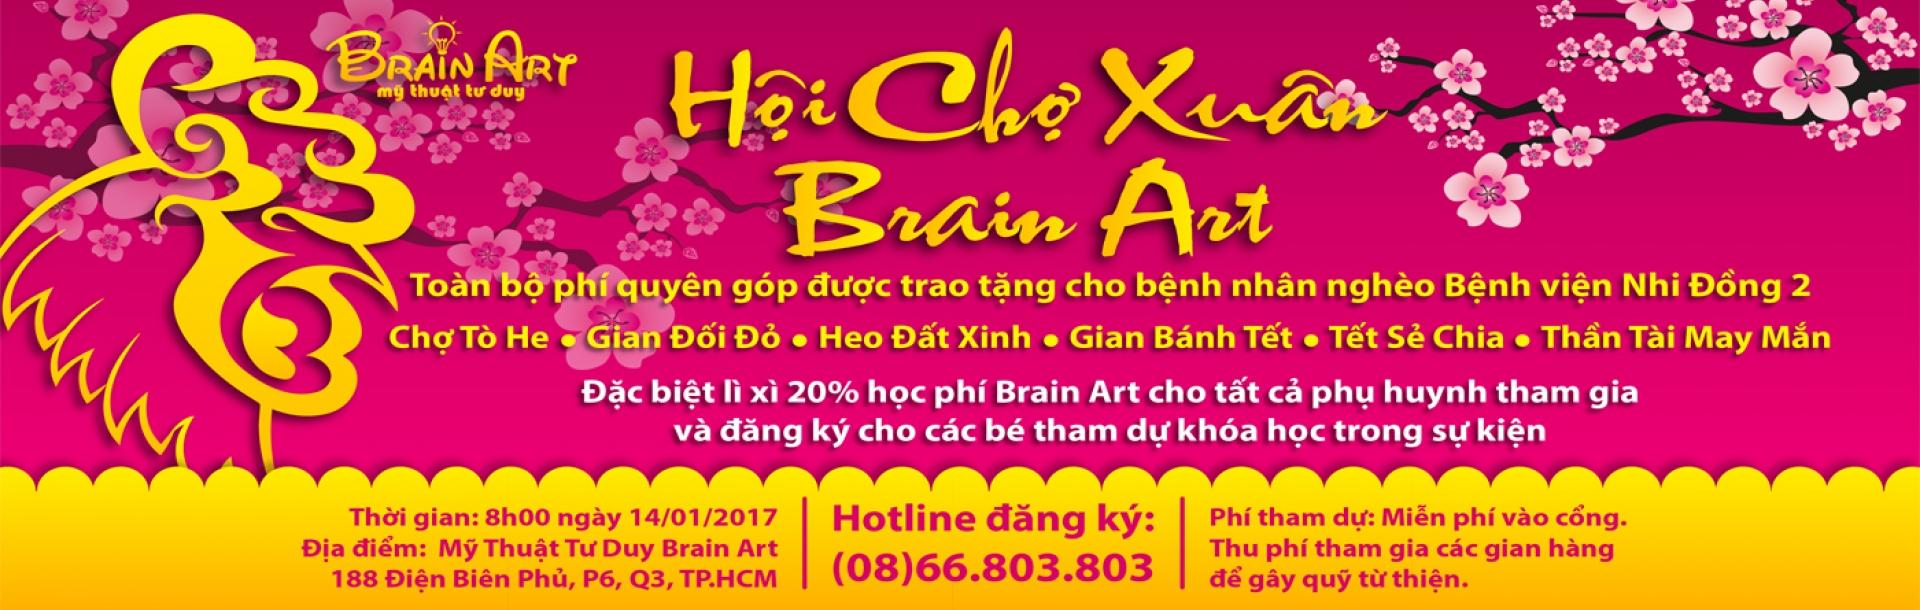 Hội Chợ Xuân Brain Art 2017